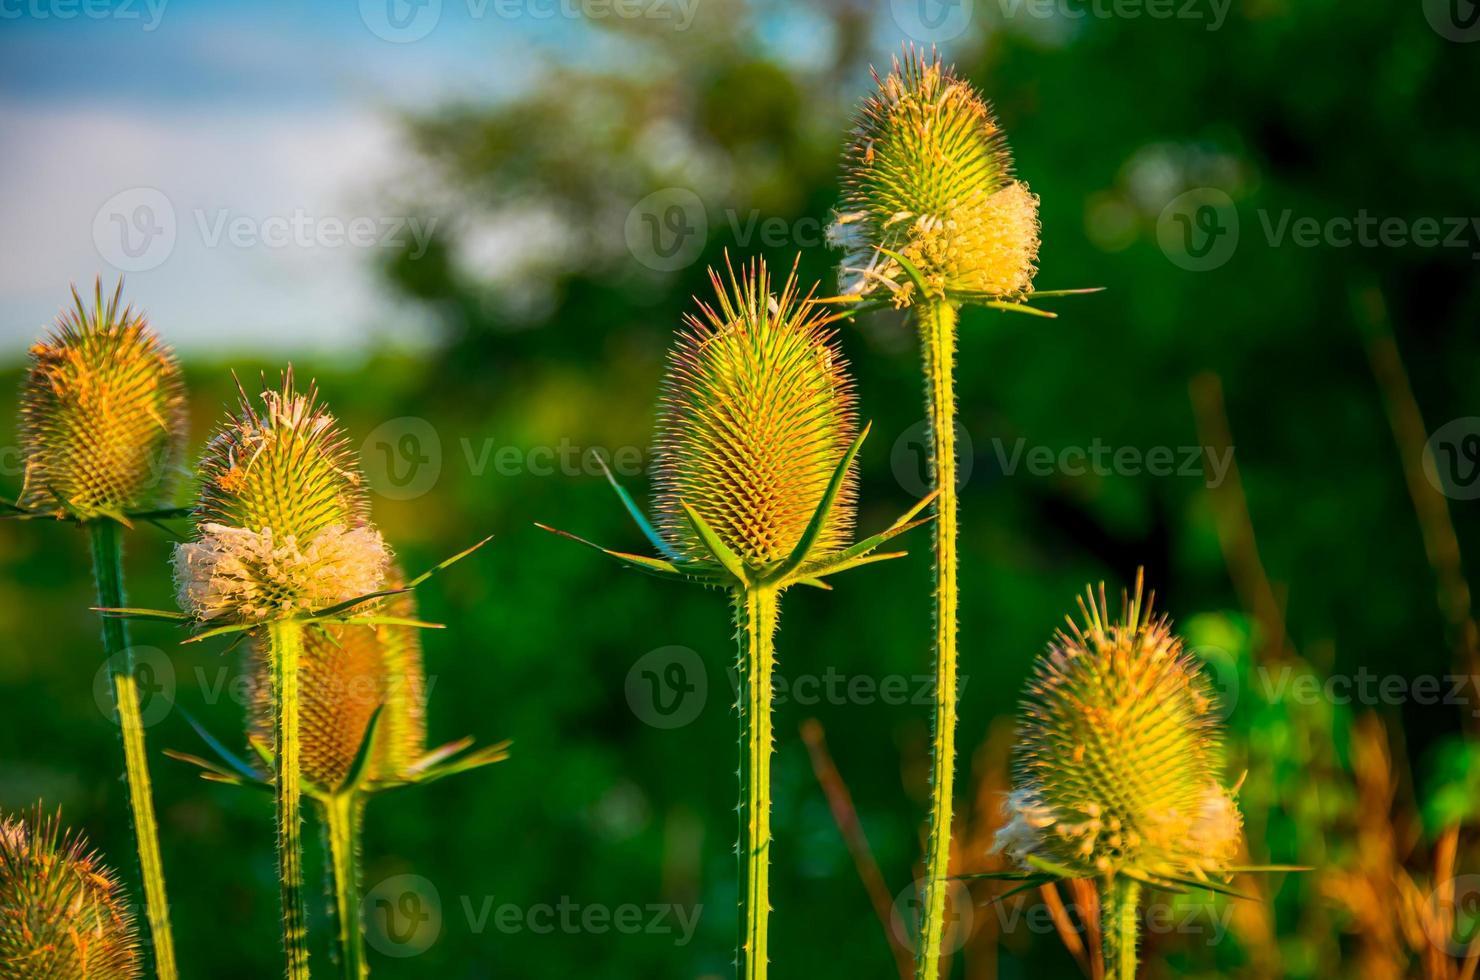 stachelige lila Pflanze auf der grünen Wiese foto